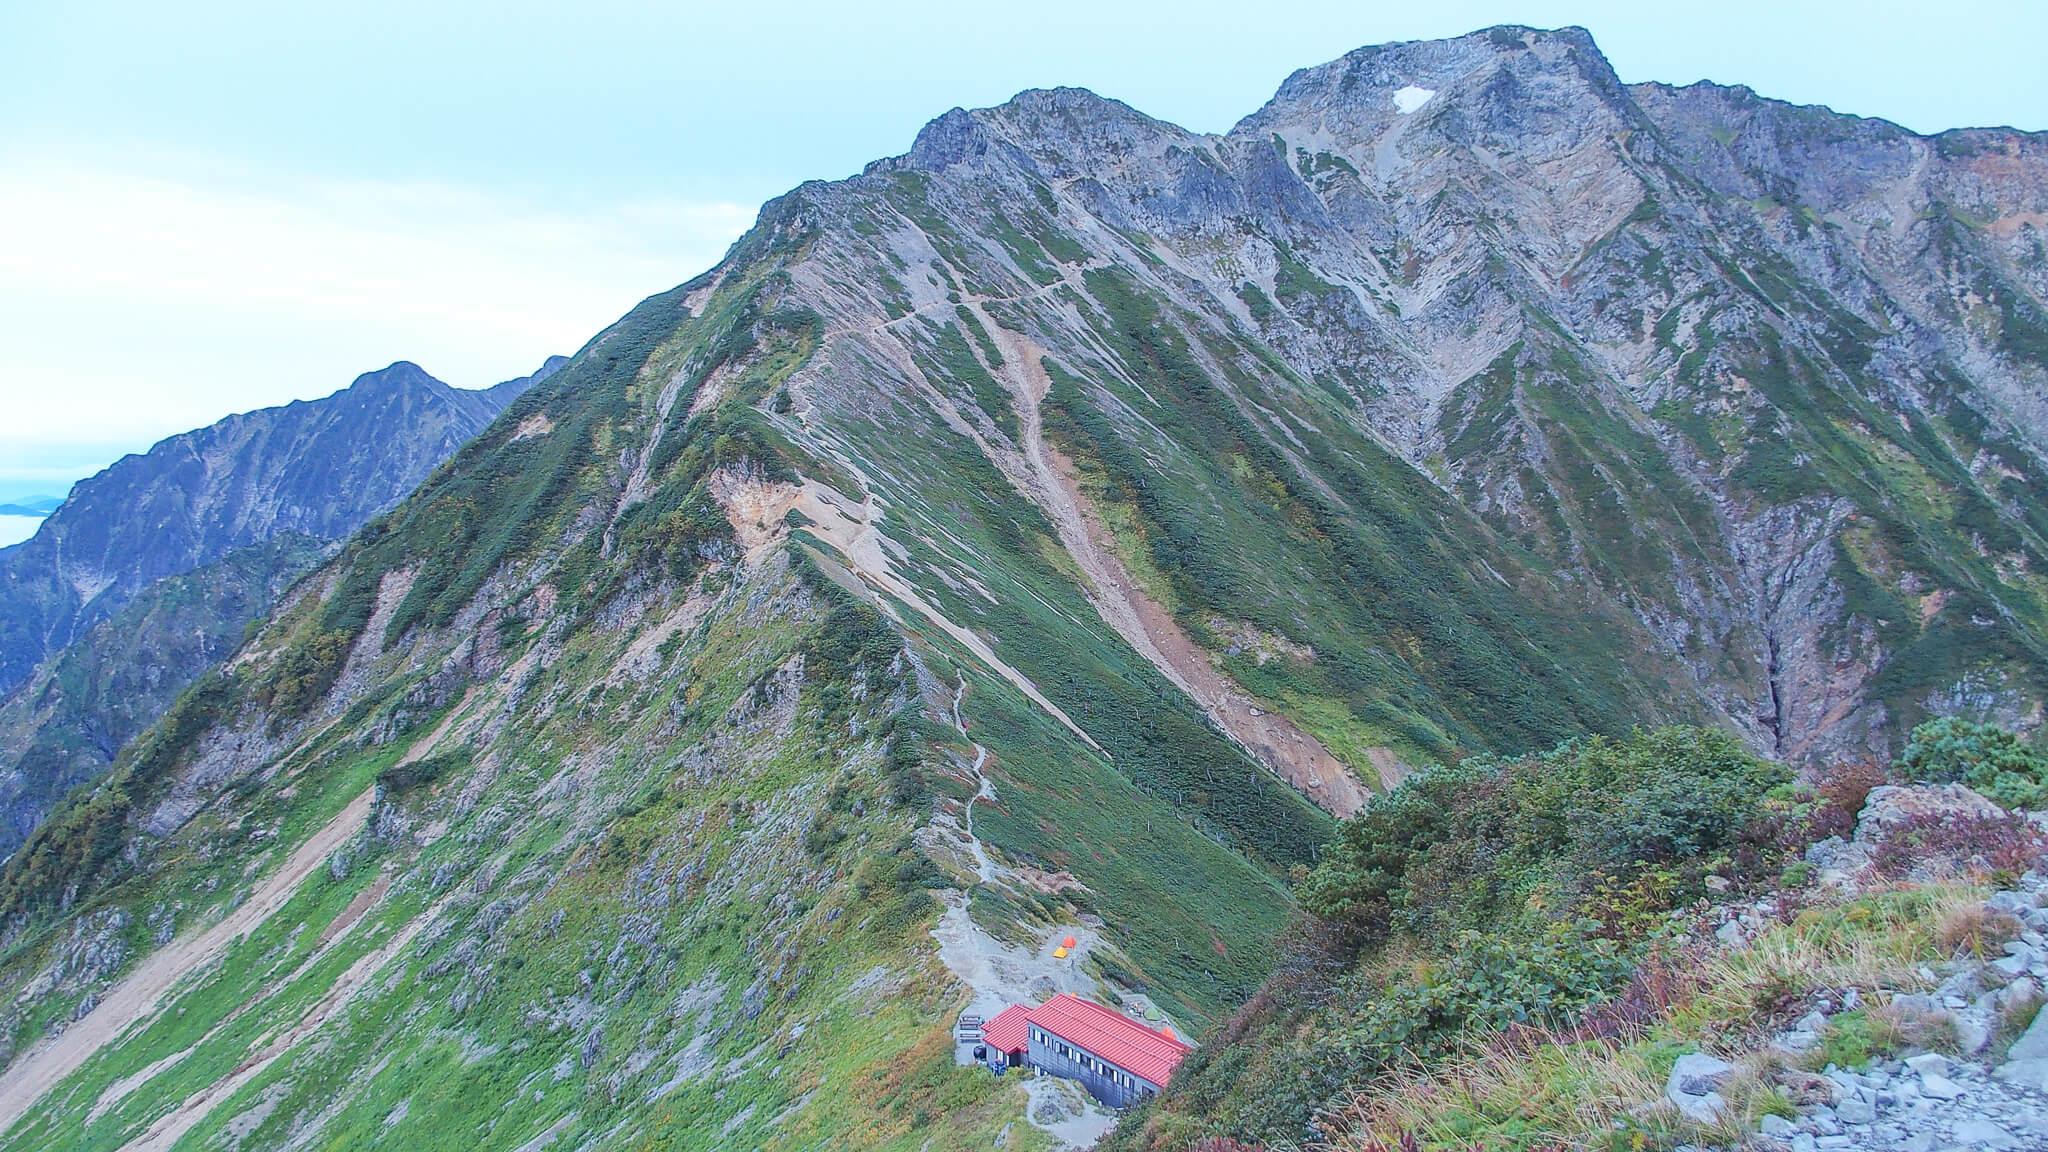 五竜岳・白岳からの五竜岳・五竜山荘